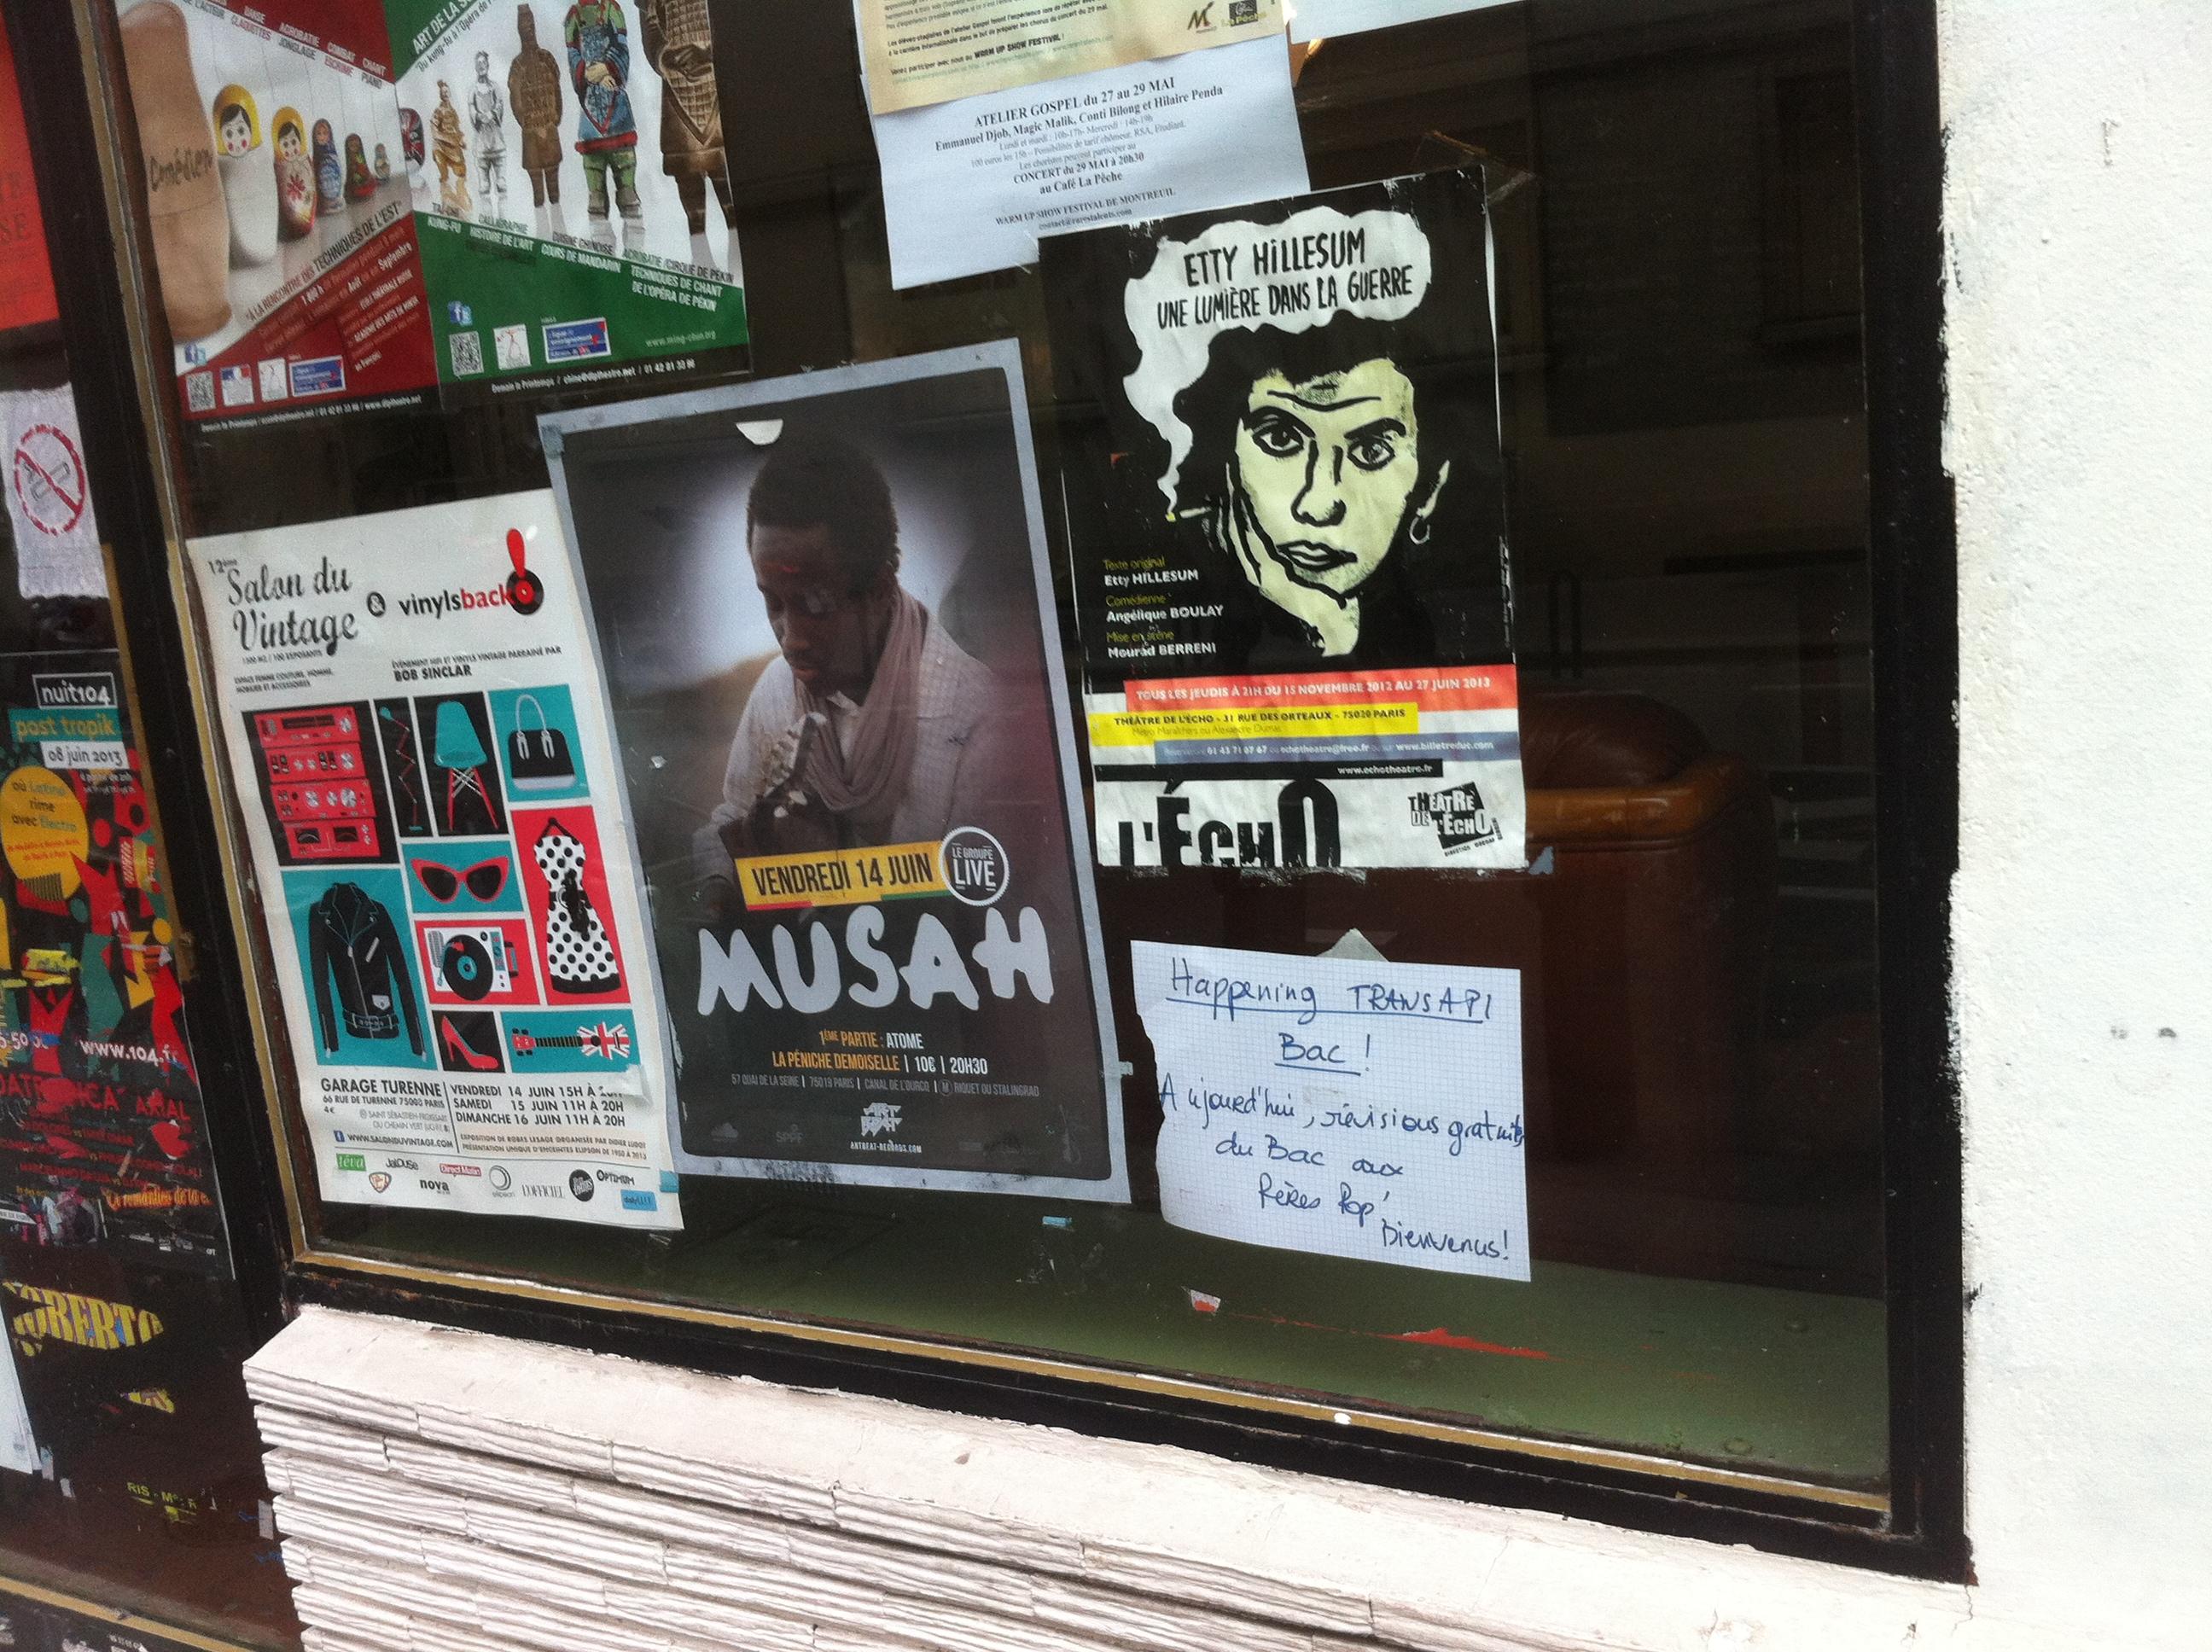 En bas à droite, une petite affiche de Transapi dans la vitrine des pères populaires